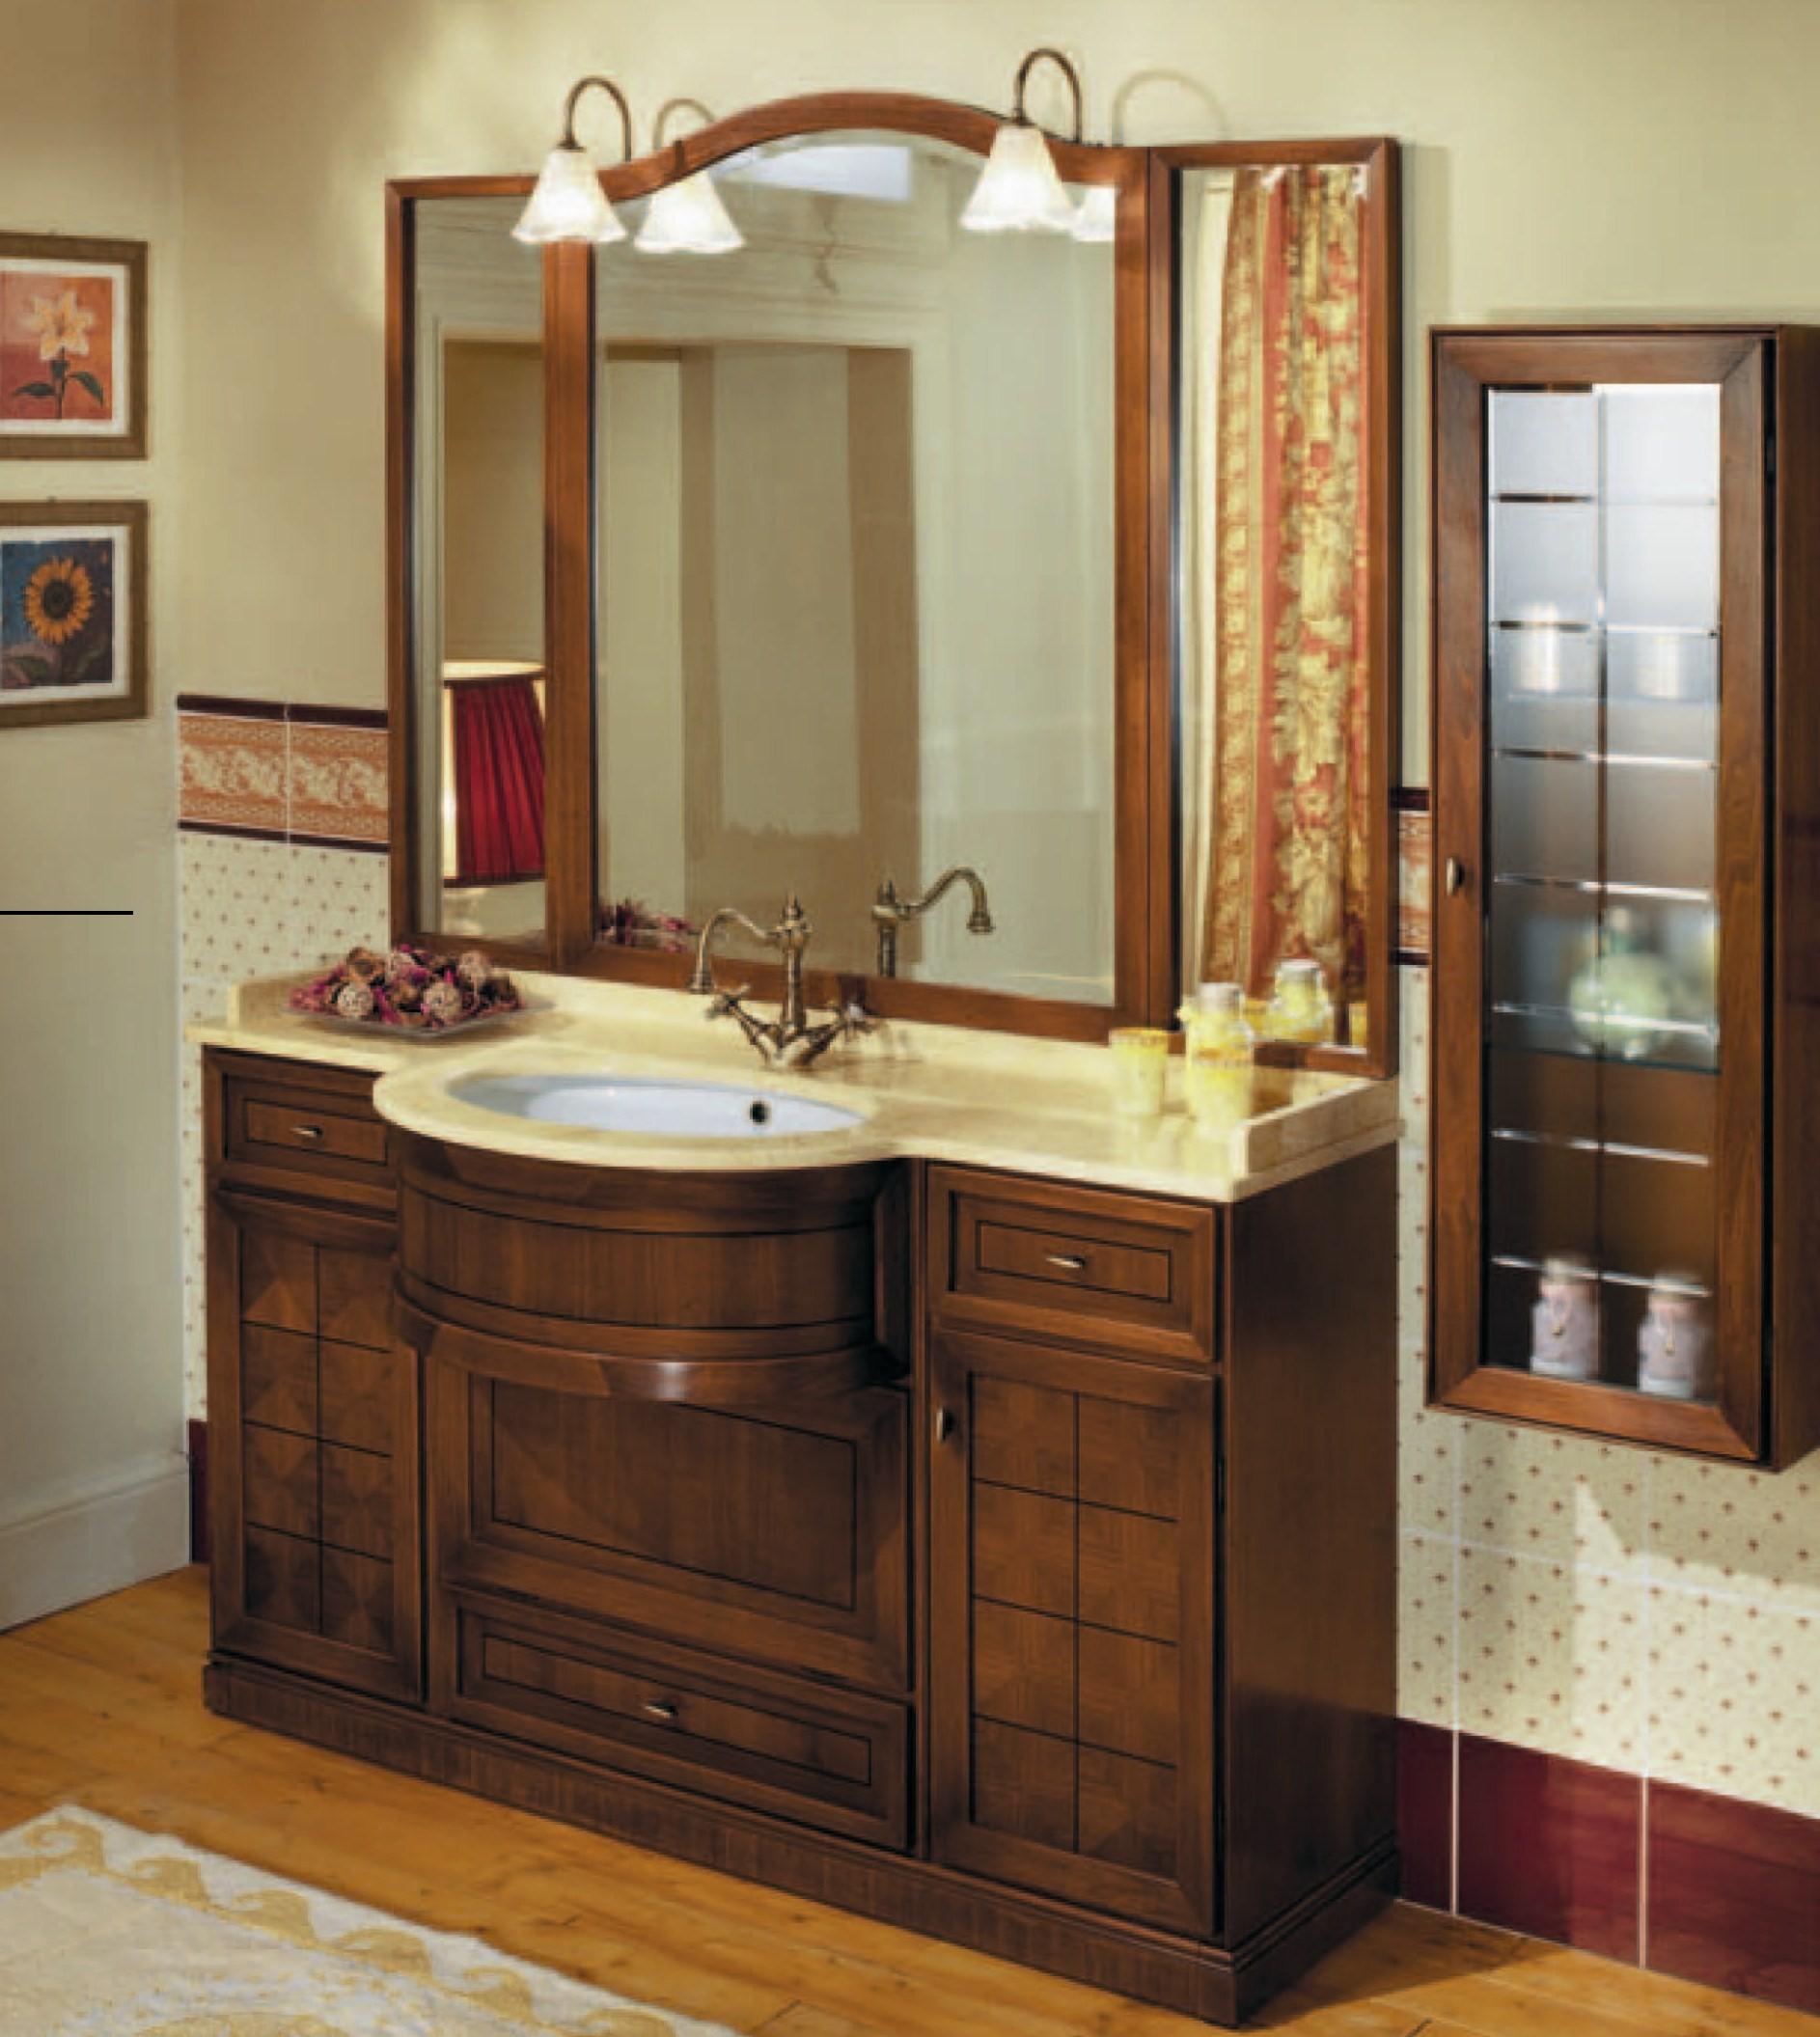 Оригинальная конструкция мойдодыра для ванной комнаты